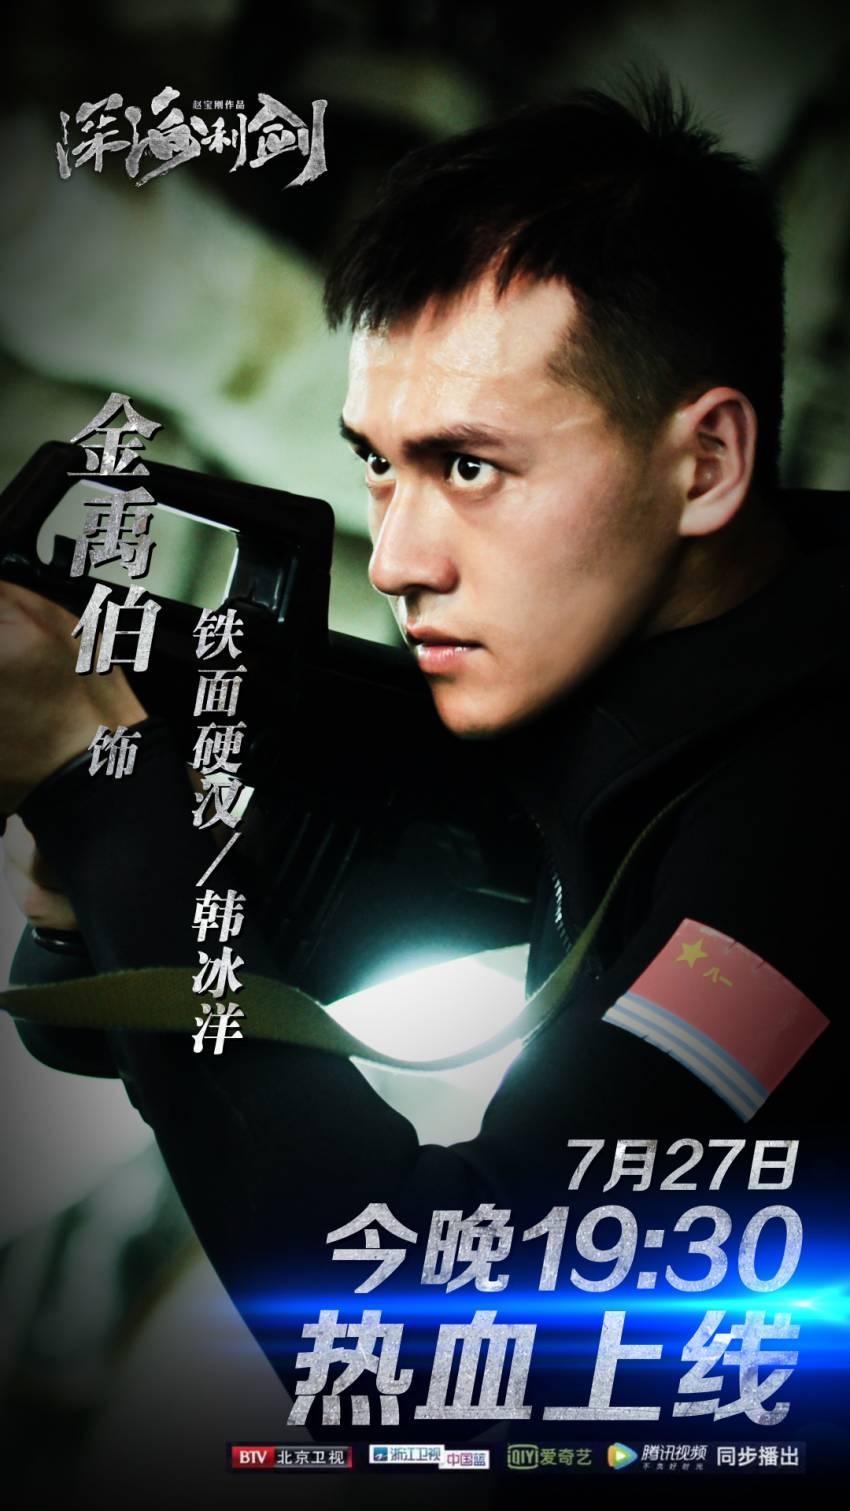 《我说兄弟啊》电视剧《深海利剑》主题曲,张赫宣原唱_网易新闻